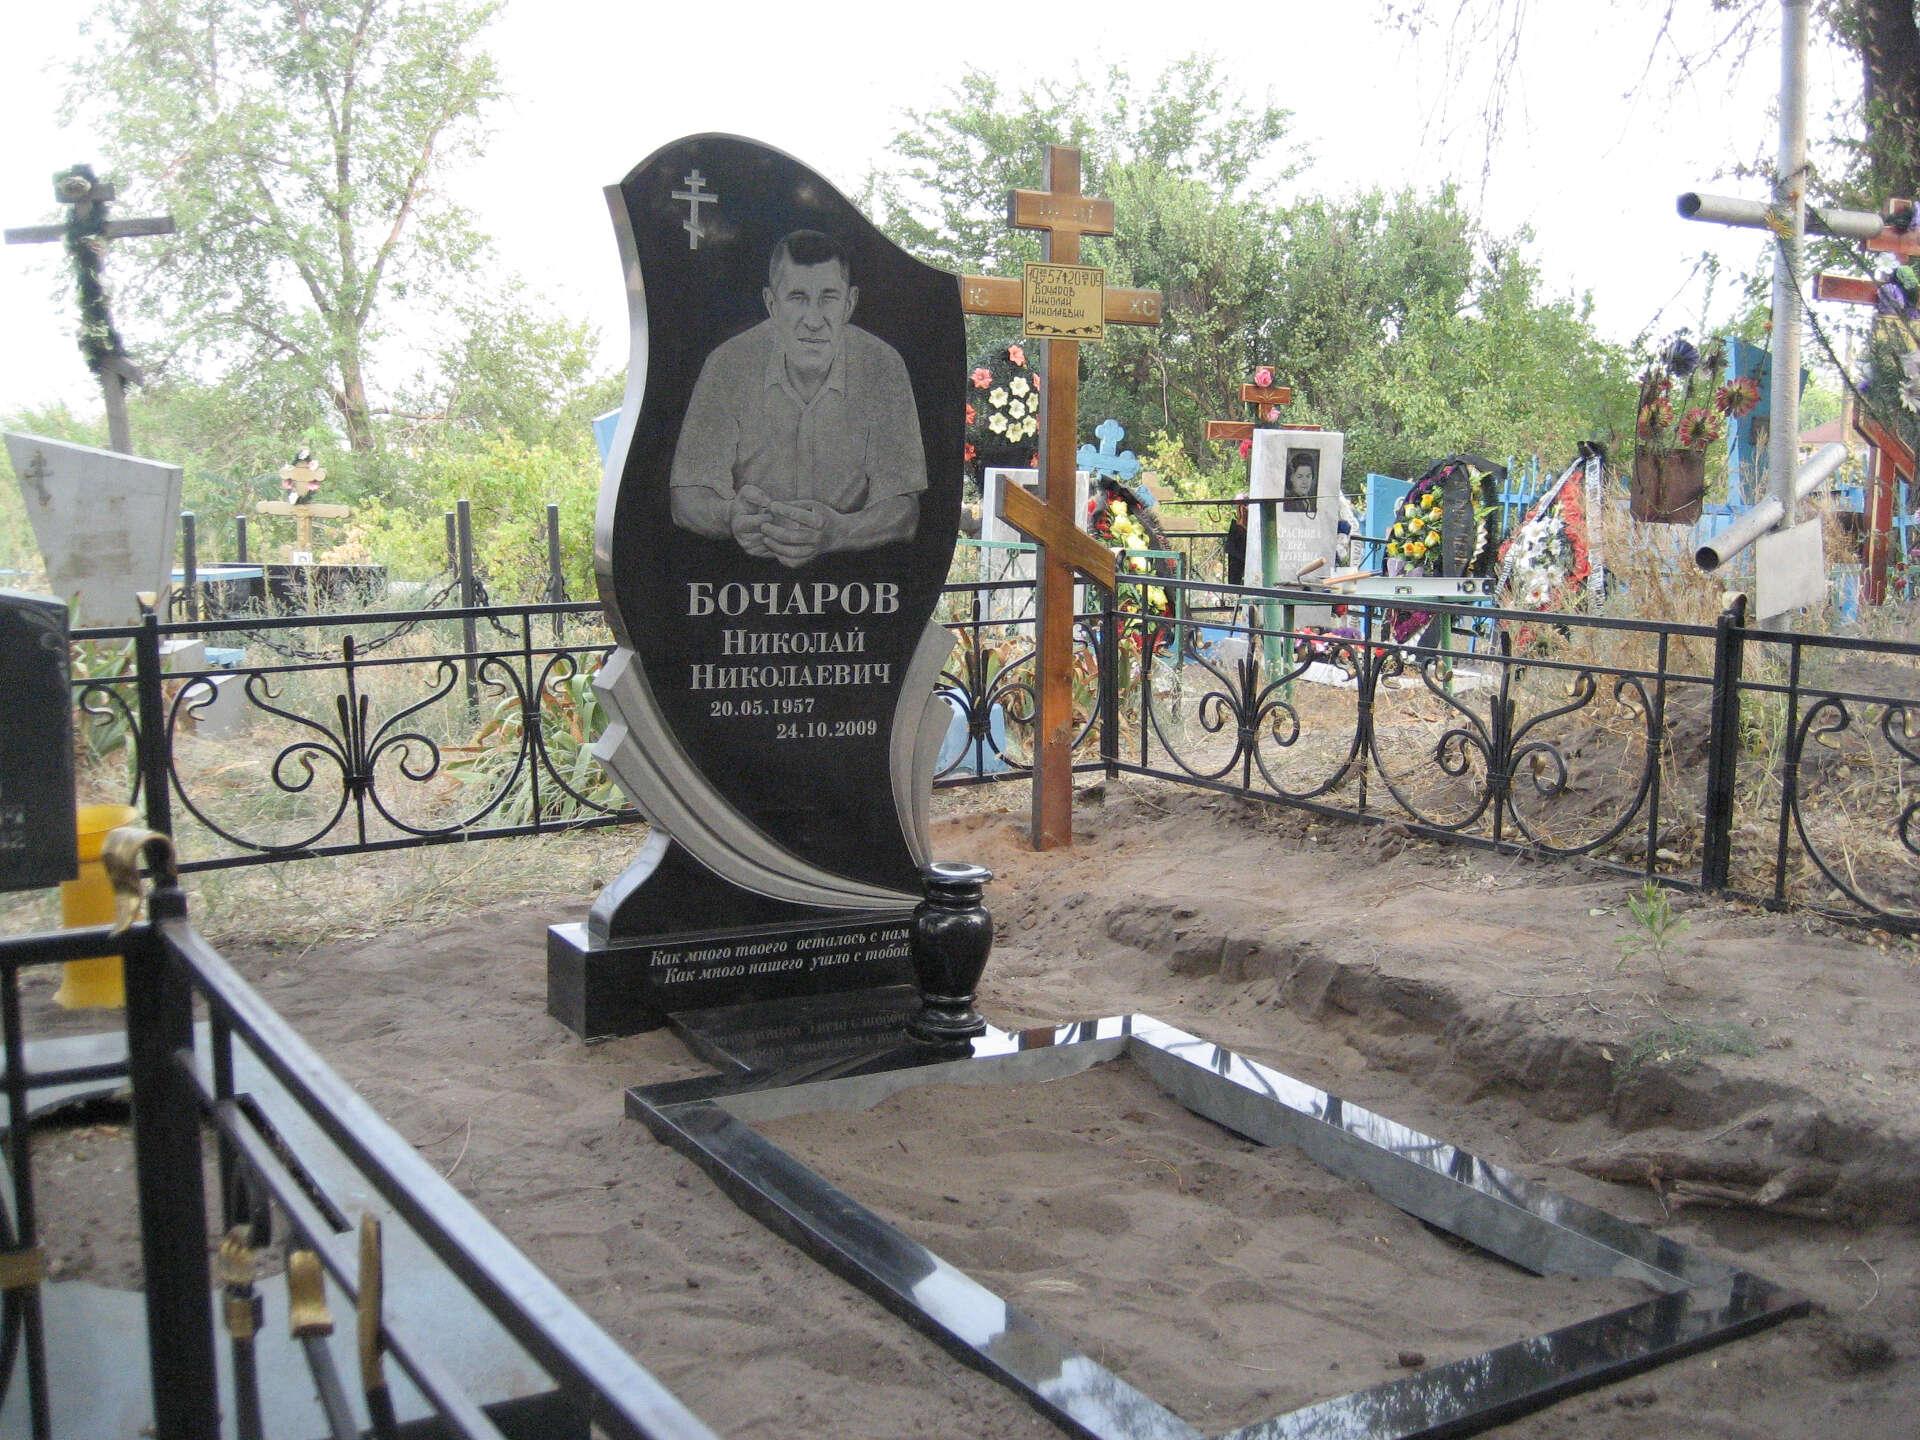 Памятники на могилу нижний новгород цены ценабез посредников гранитные памятники двойные москва